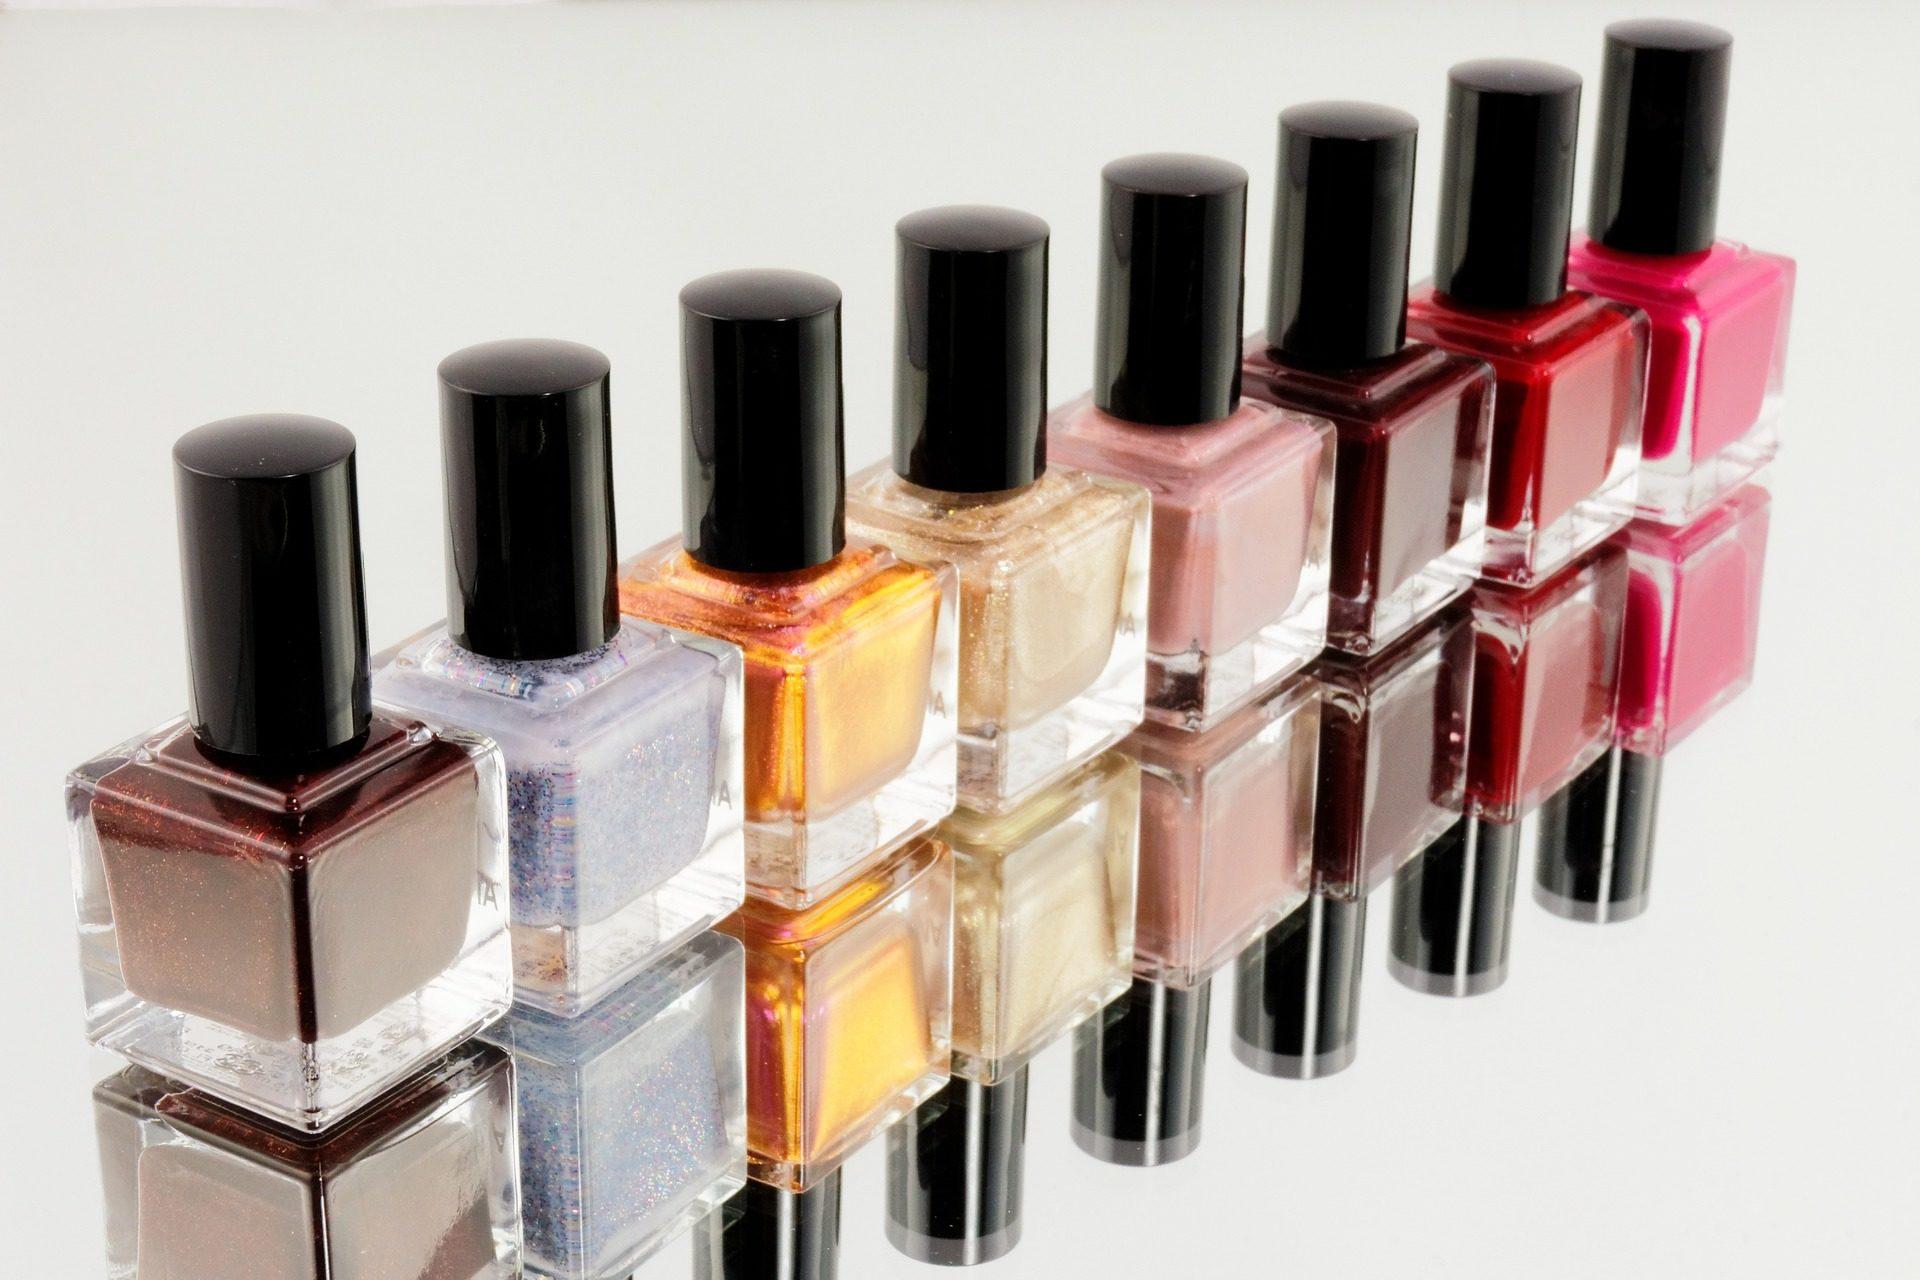 Dlaczego warto kupować w hurtowni kosmetycznej? Podpowiadamy!